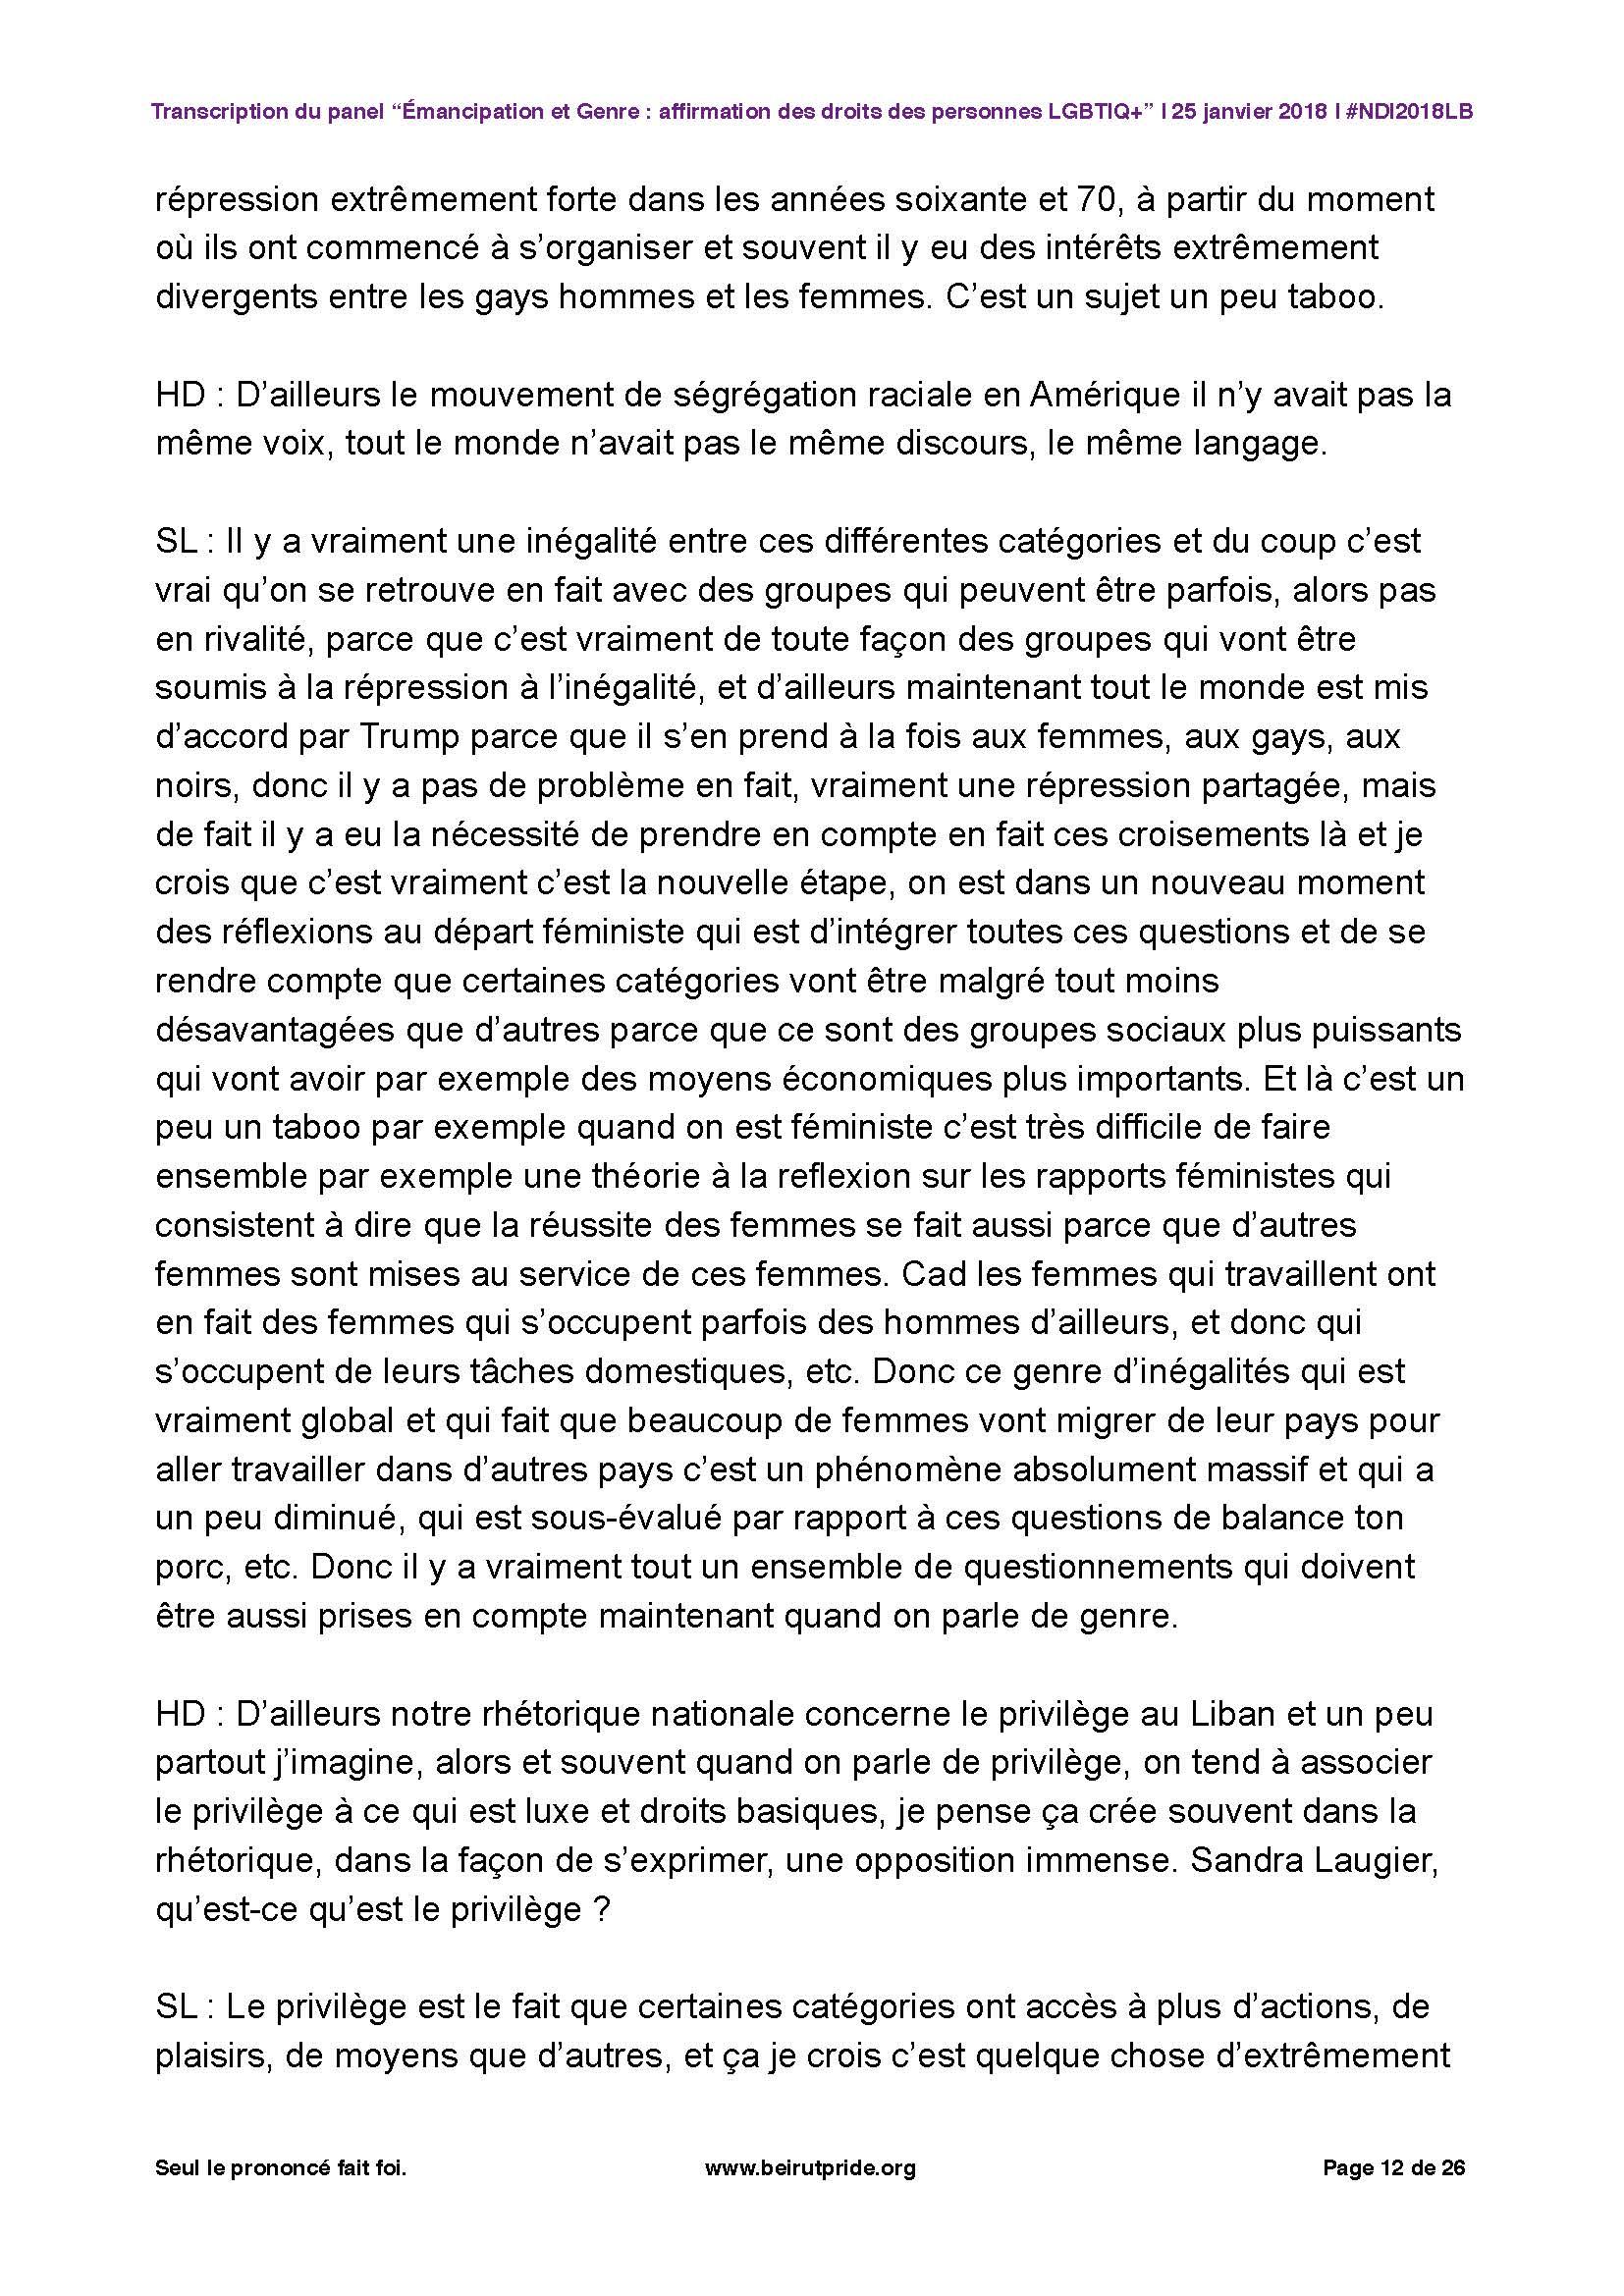 Transcription Nuit des idées 2018_Page_12.jpg